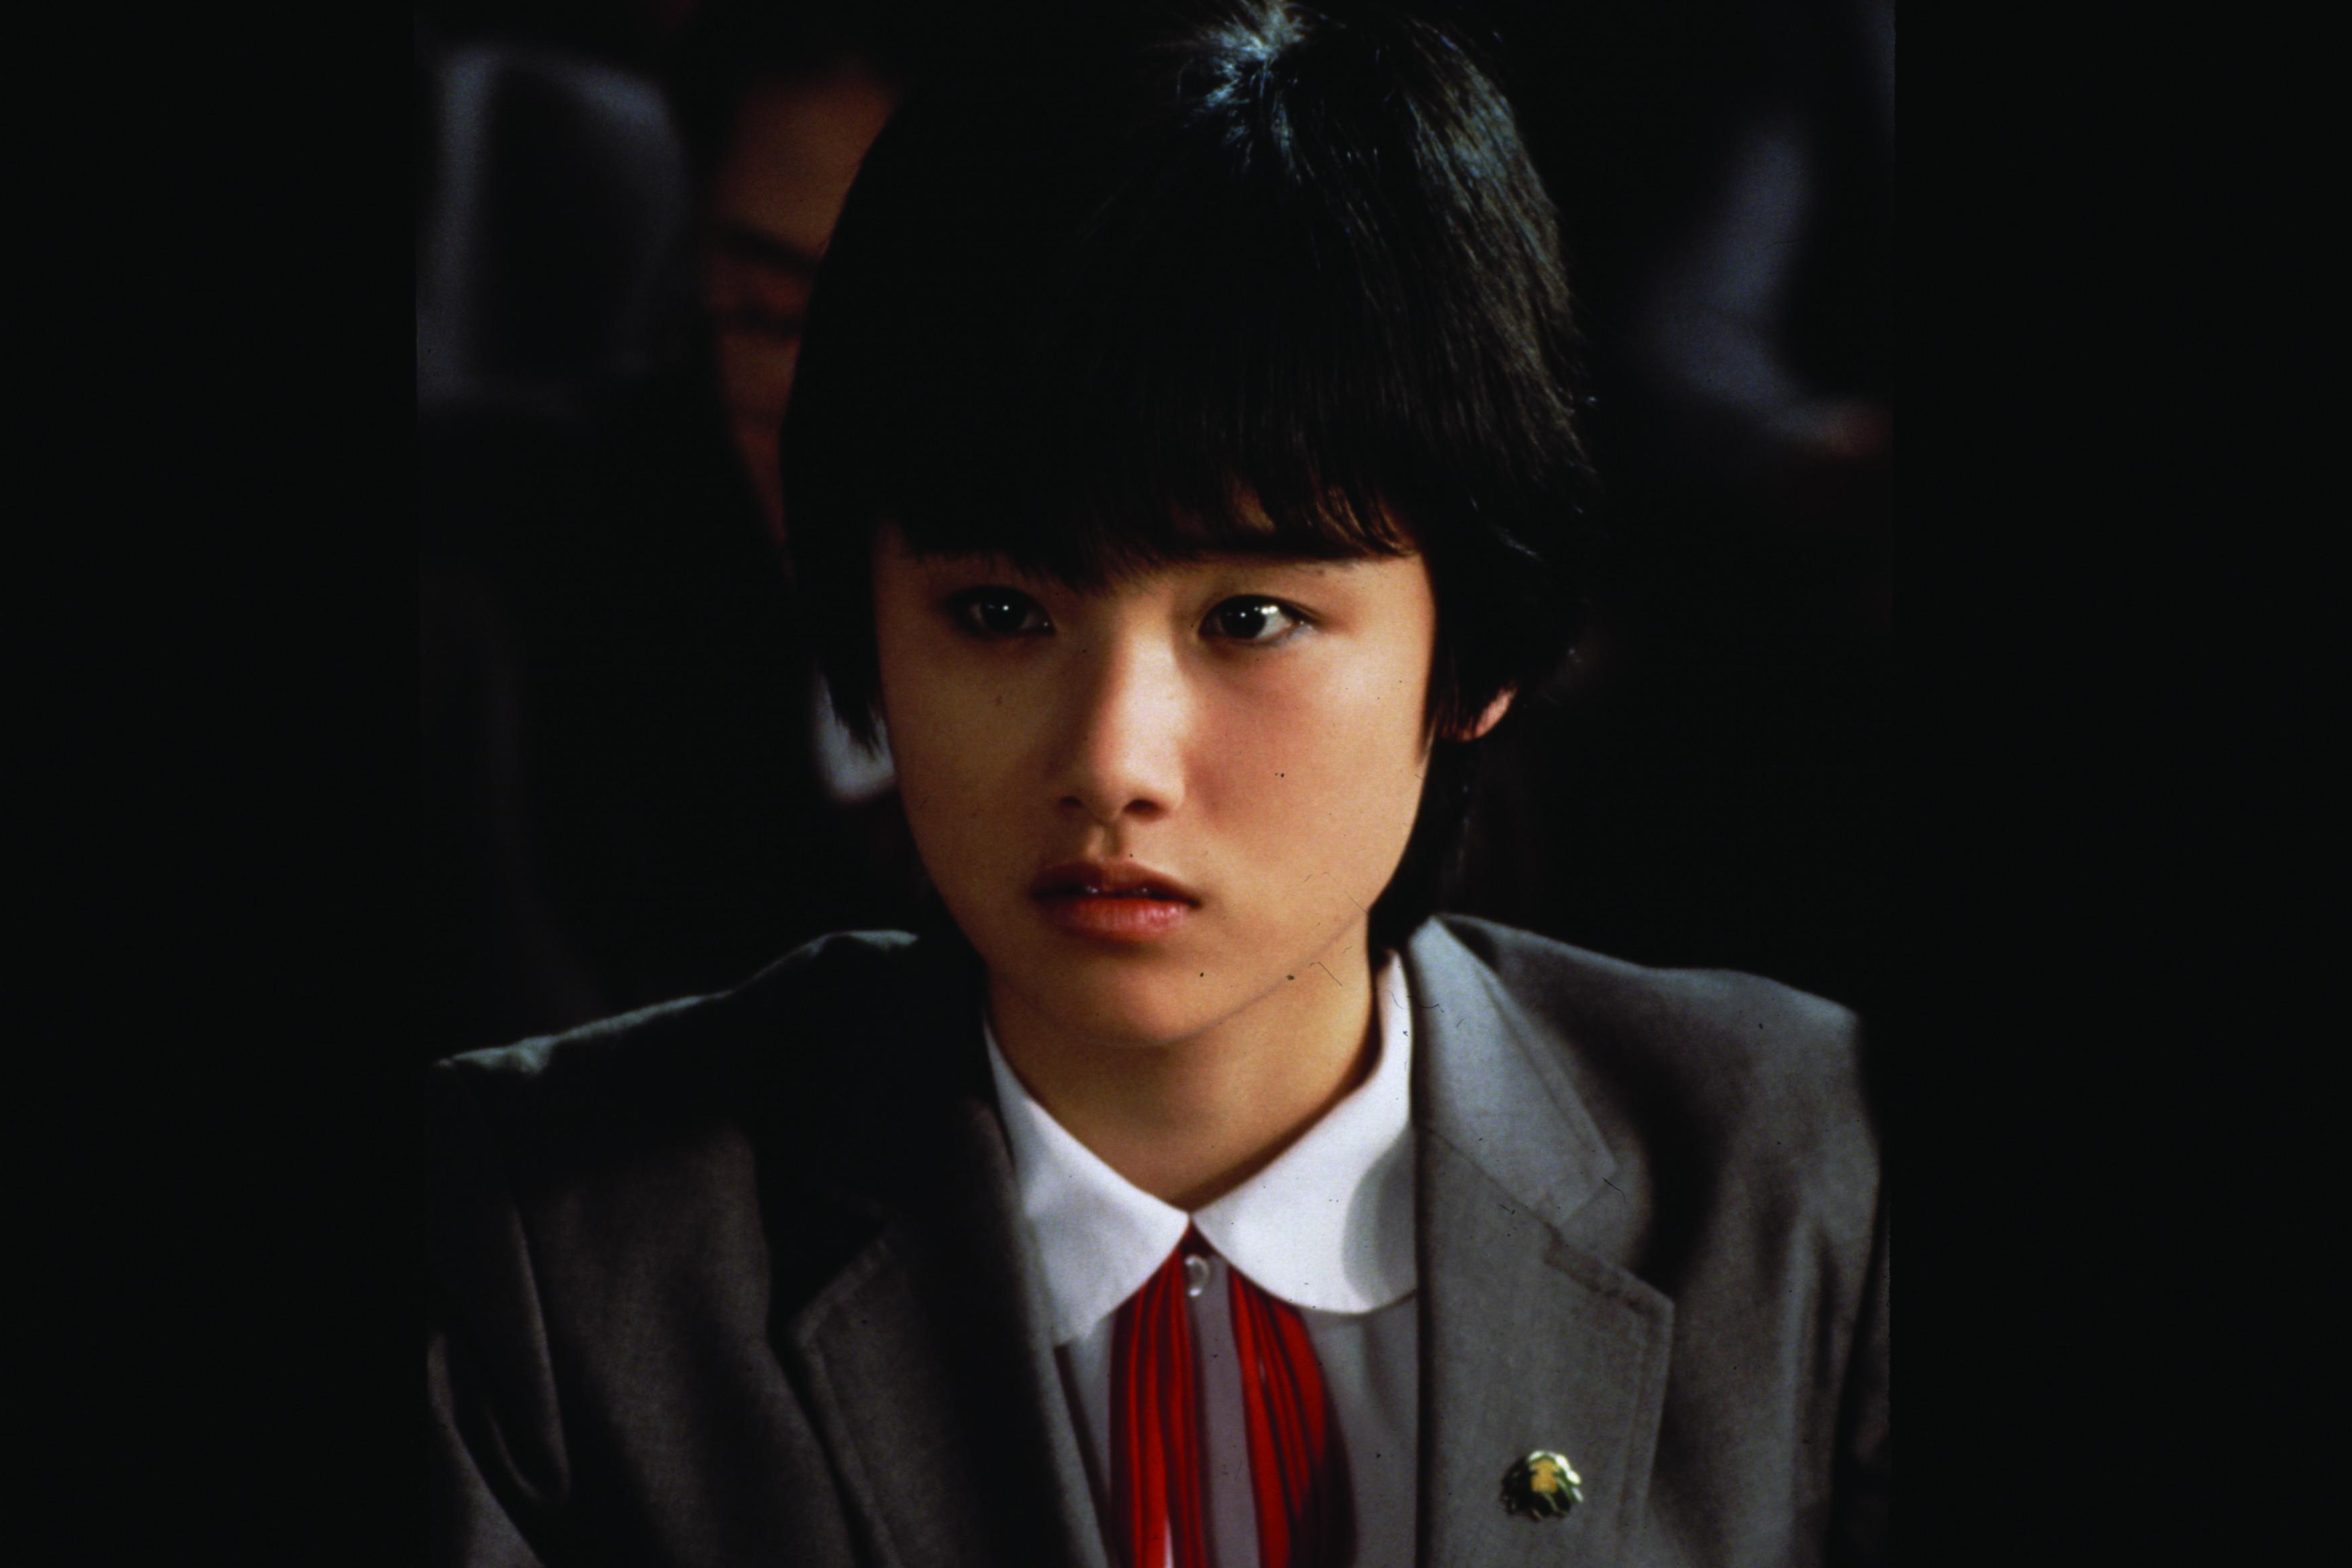 40周年記念映画祭開催!角川映画はいかにして昭和後期の日本映画界を改革していったか?(後編)